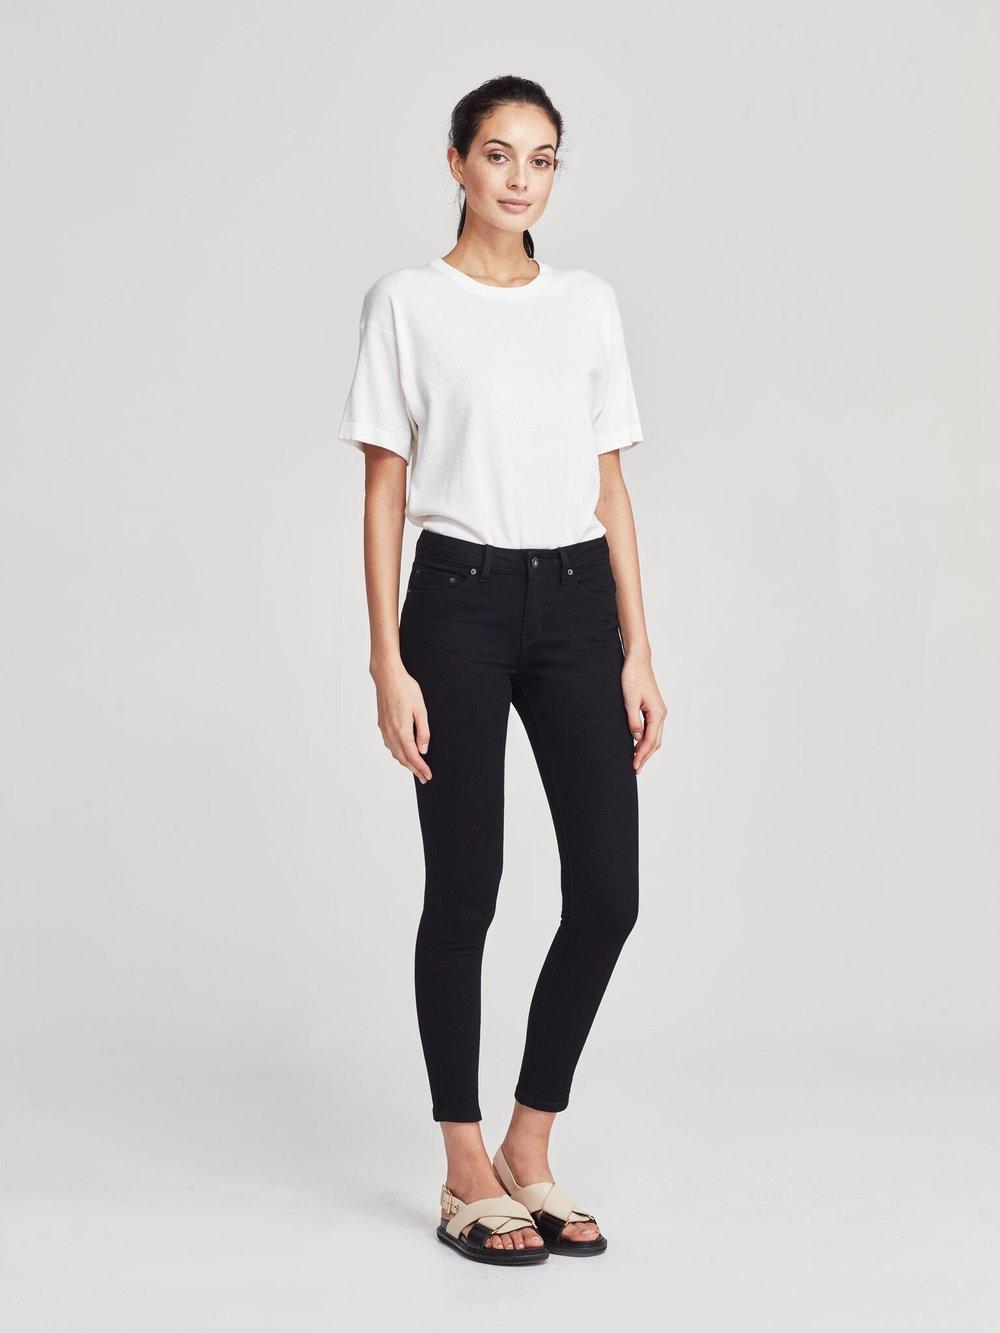 JH Denim  ankle skinny jean (denim) black rinse on model